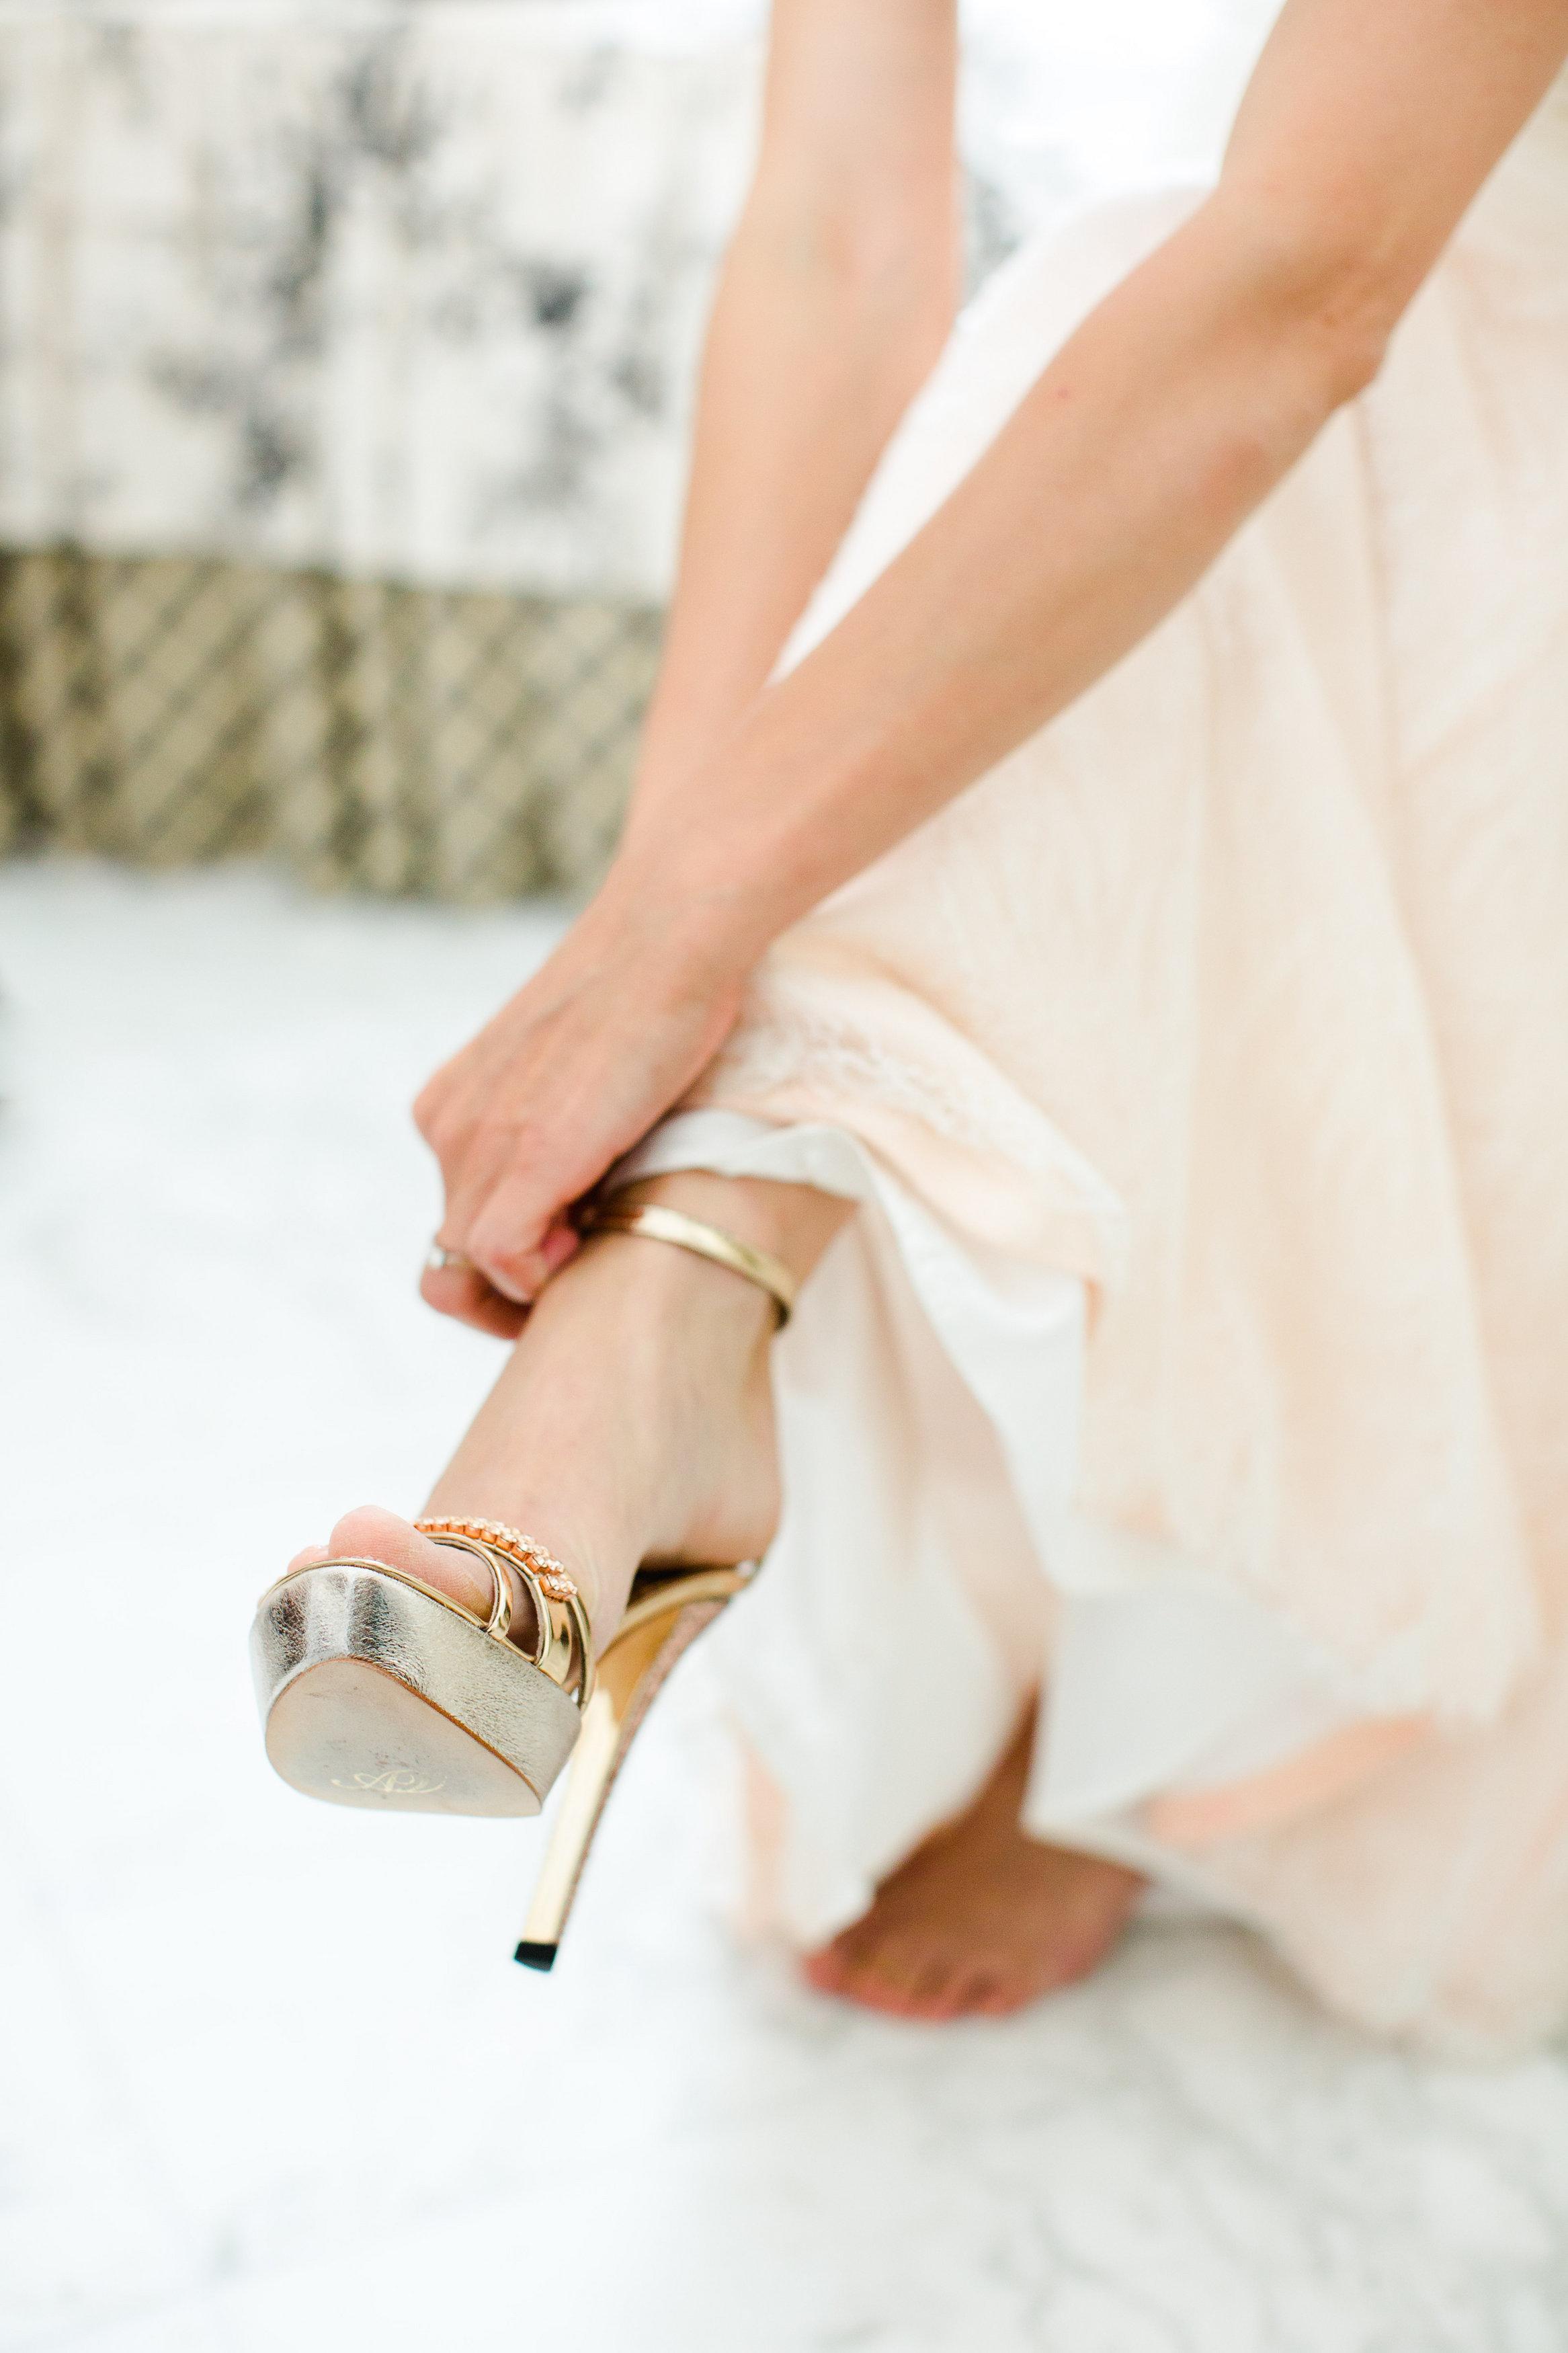 View More: http://nadiafotografeert.pass.us/wedding-photographer-italy-lazio-kai-alessia